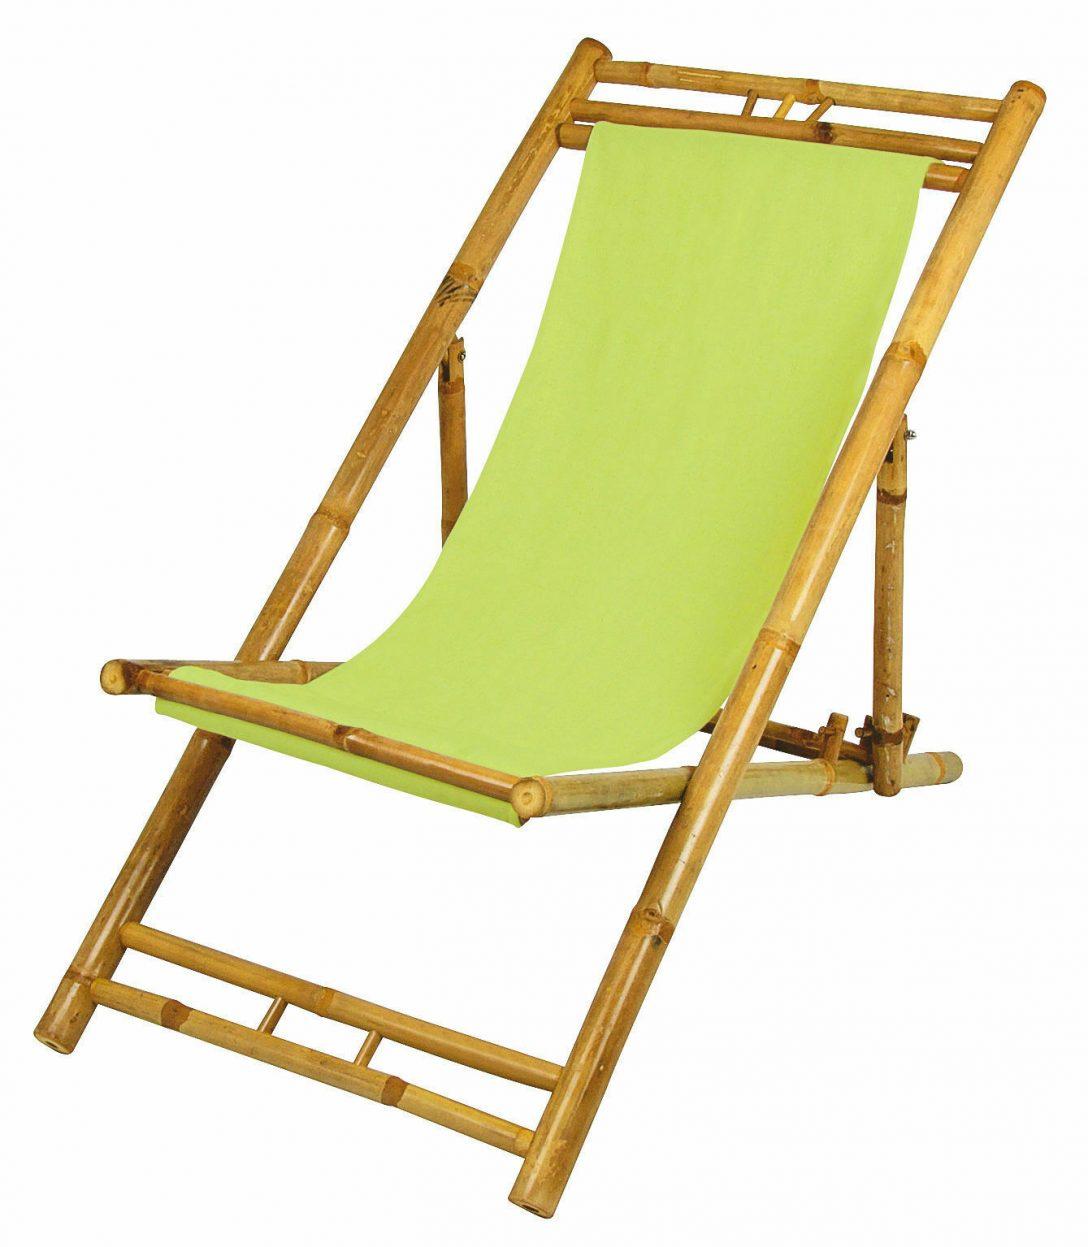 Large Size of Sonnenliege Ikea Sommarvind Strandstuhl In Grn Gartenstuhl Gnstig Kaufen Ebay Miniküche Betten 160x200 Küche Sofa Mit Schlaffunktion Bei Kosten Modulküche Wohnzimmer Sonnenliege Ikea